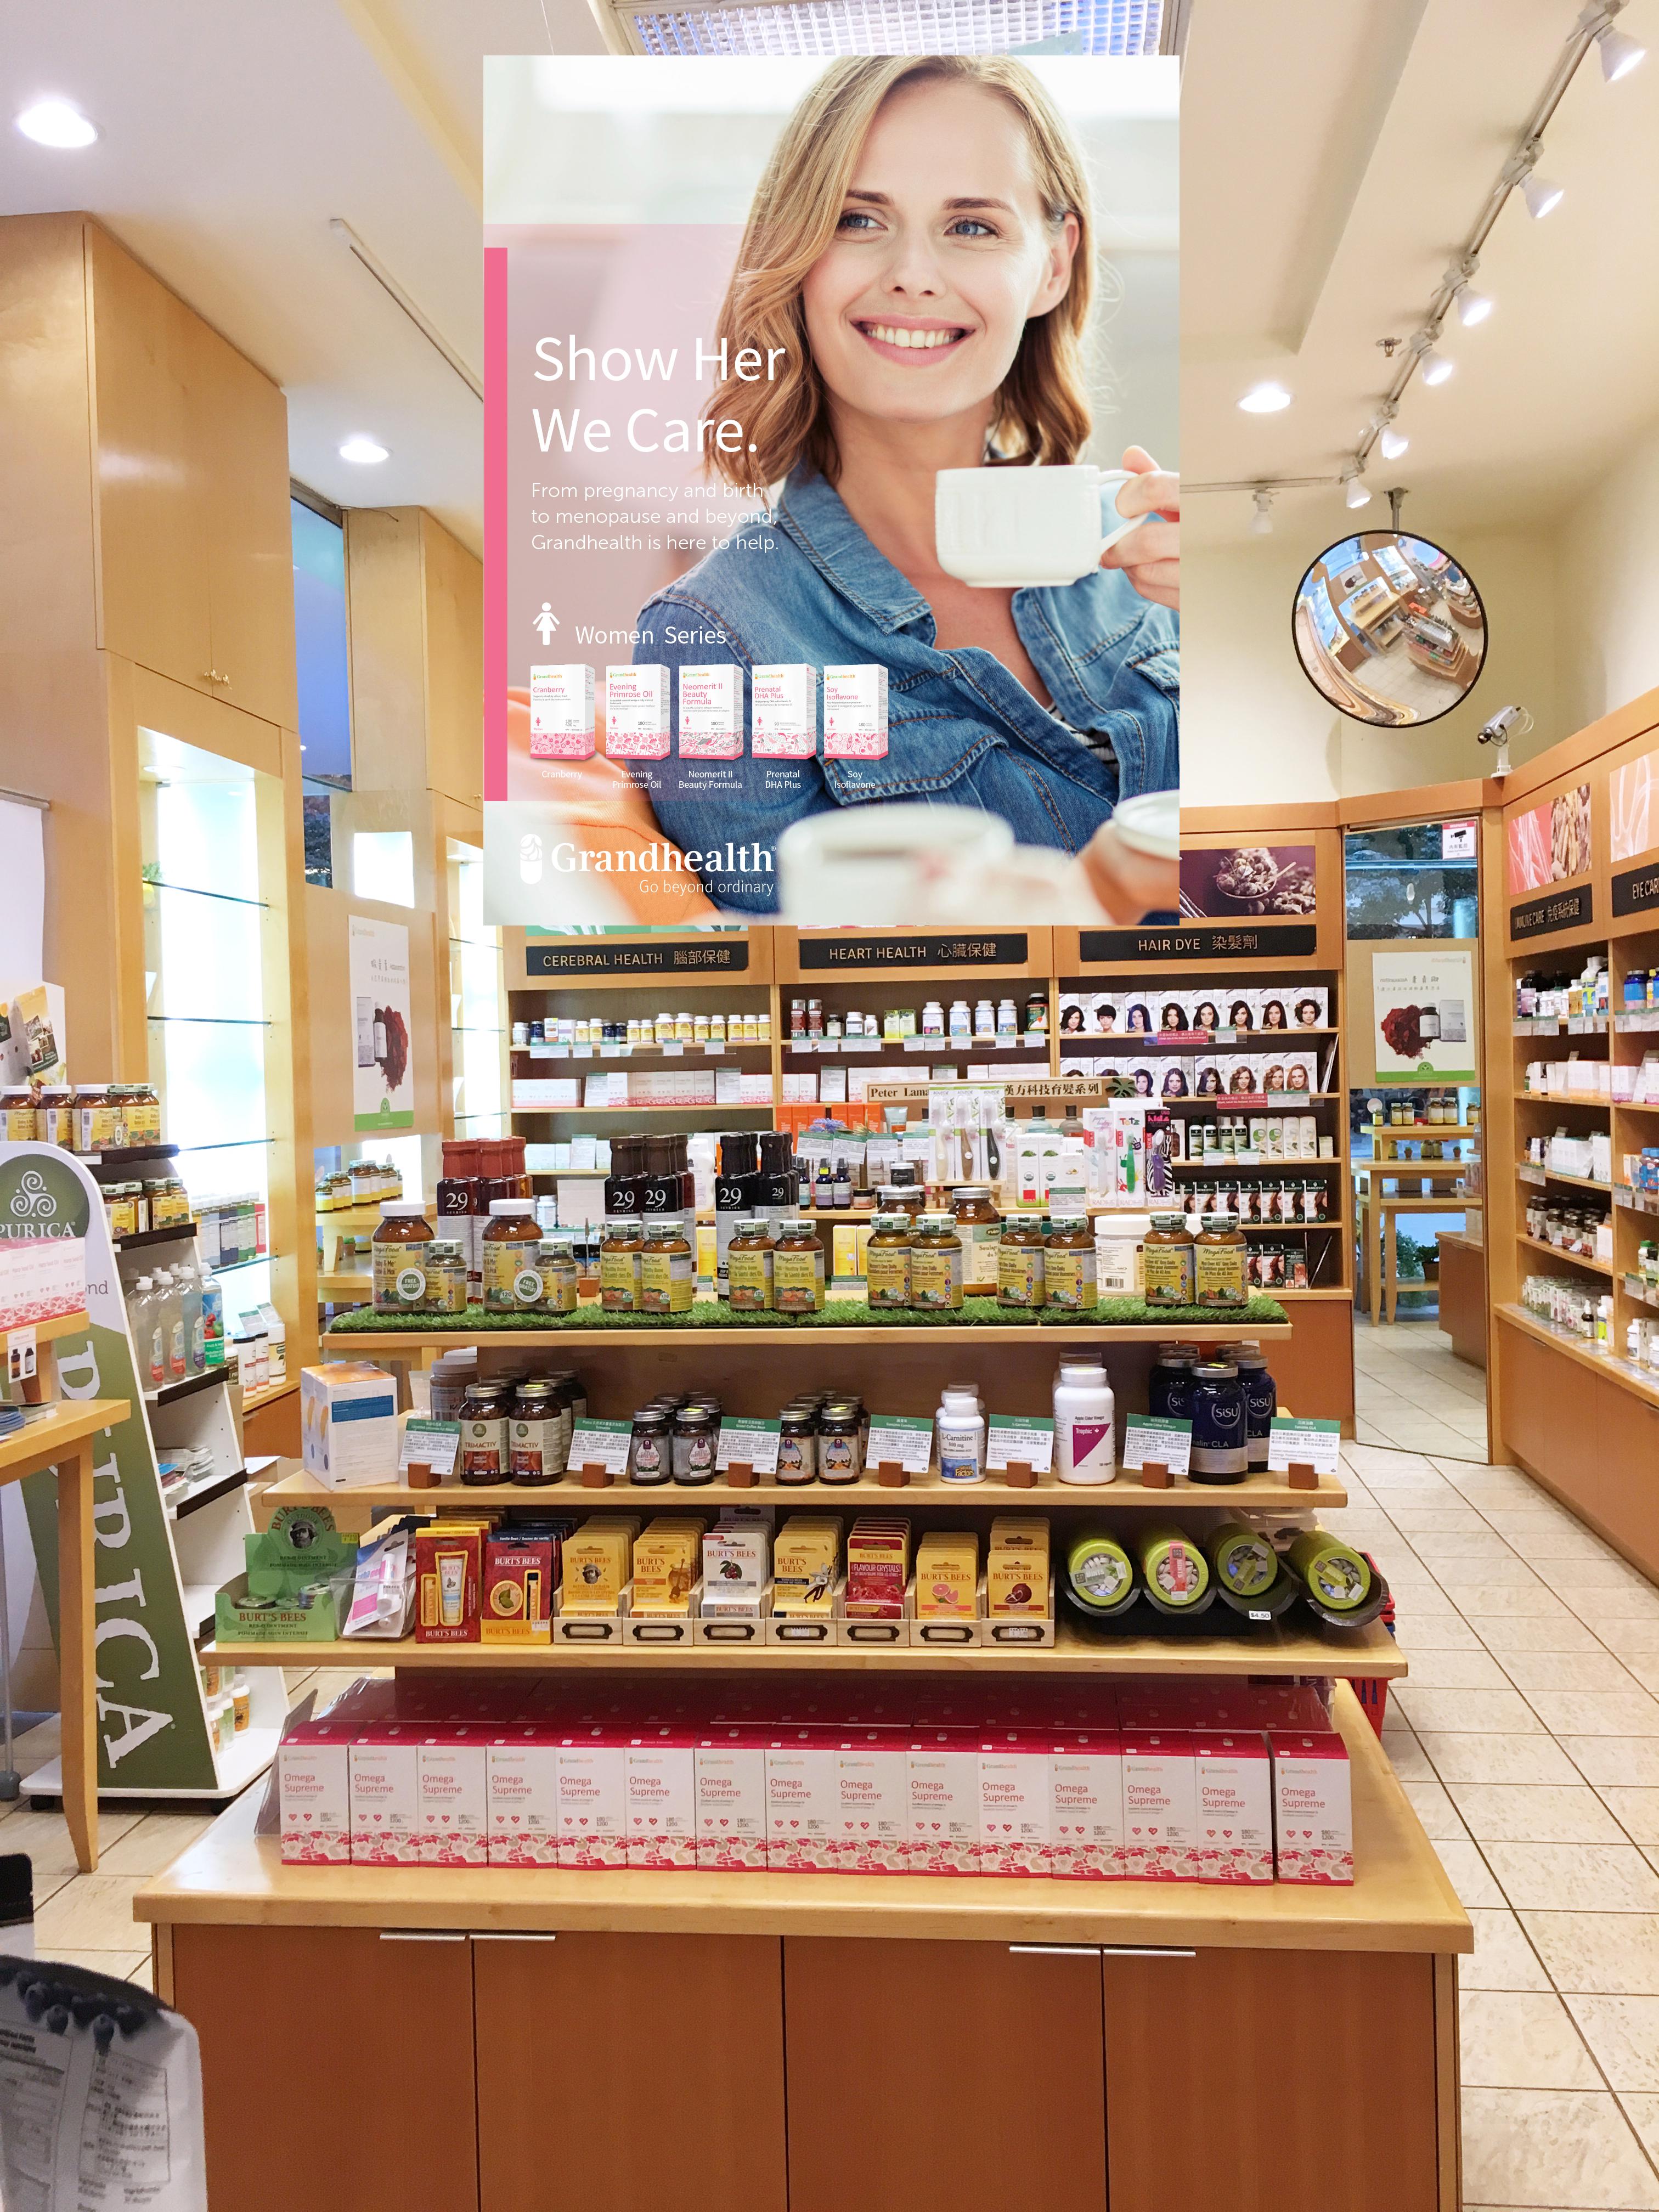 Grandhealth Poster Store Display